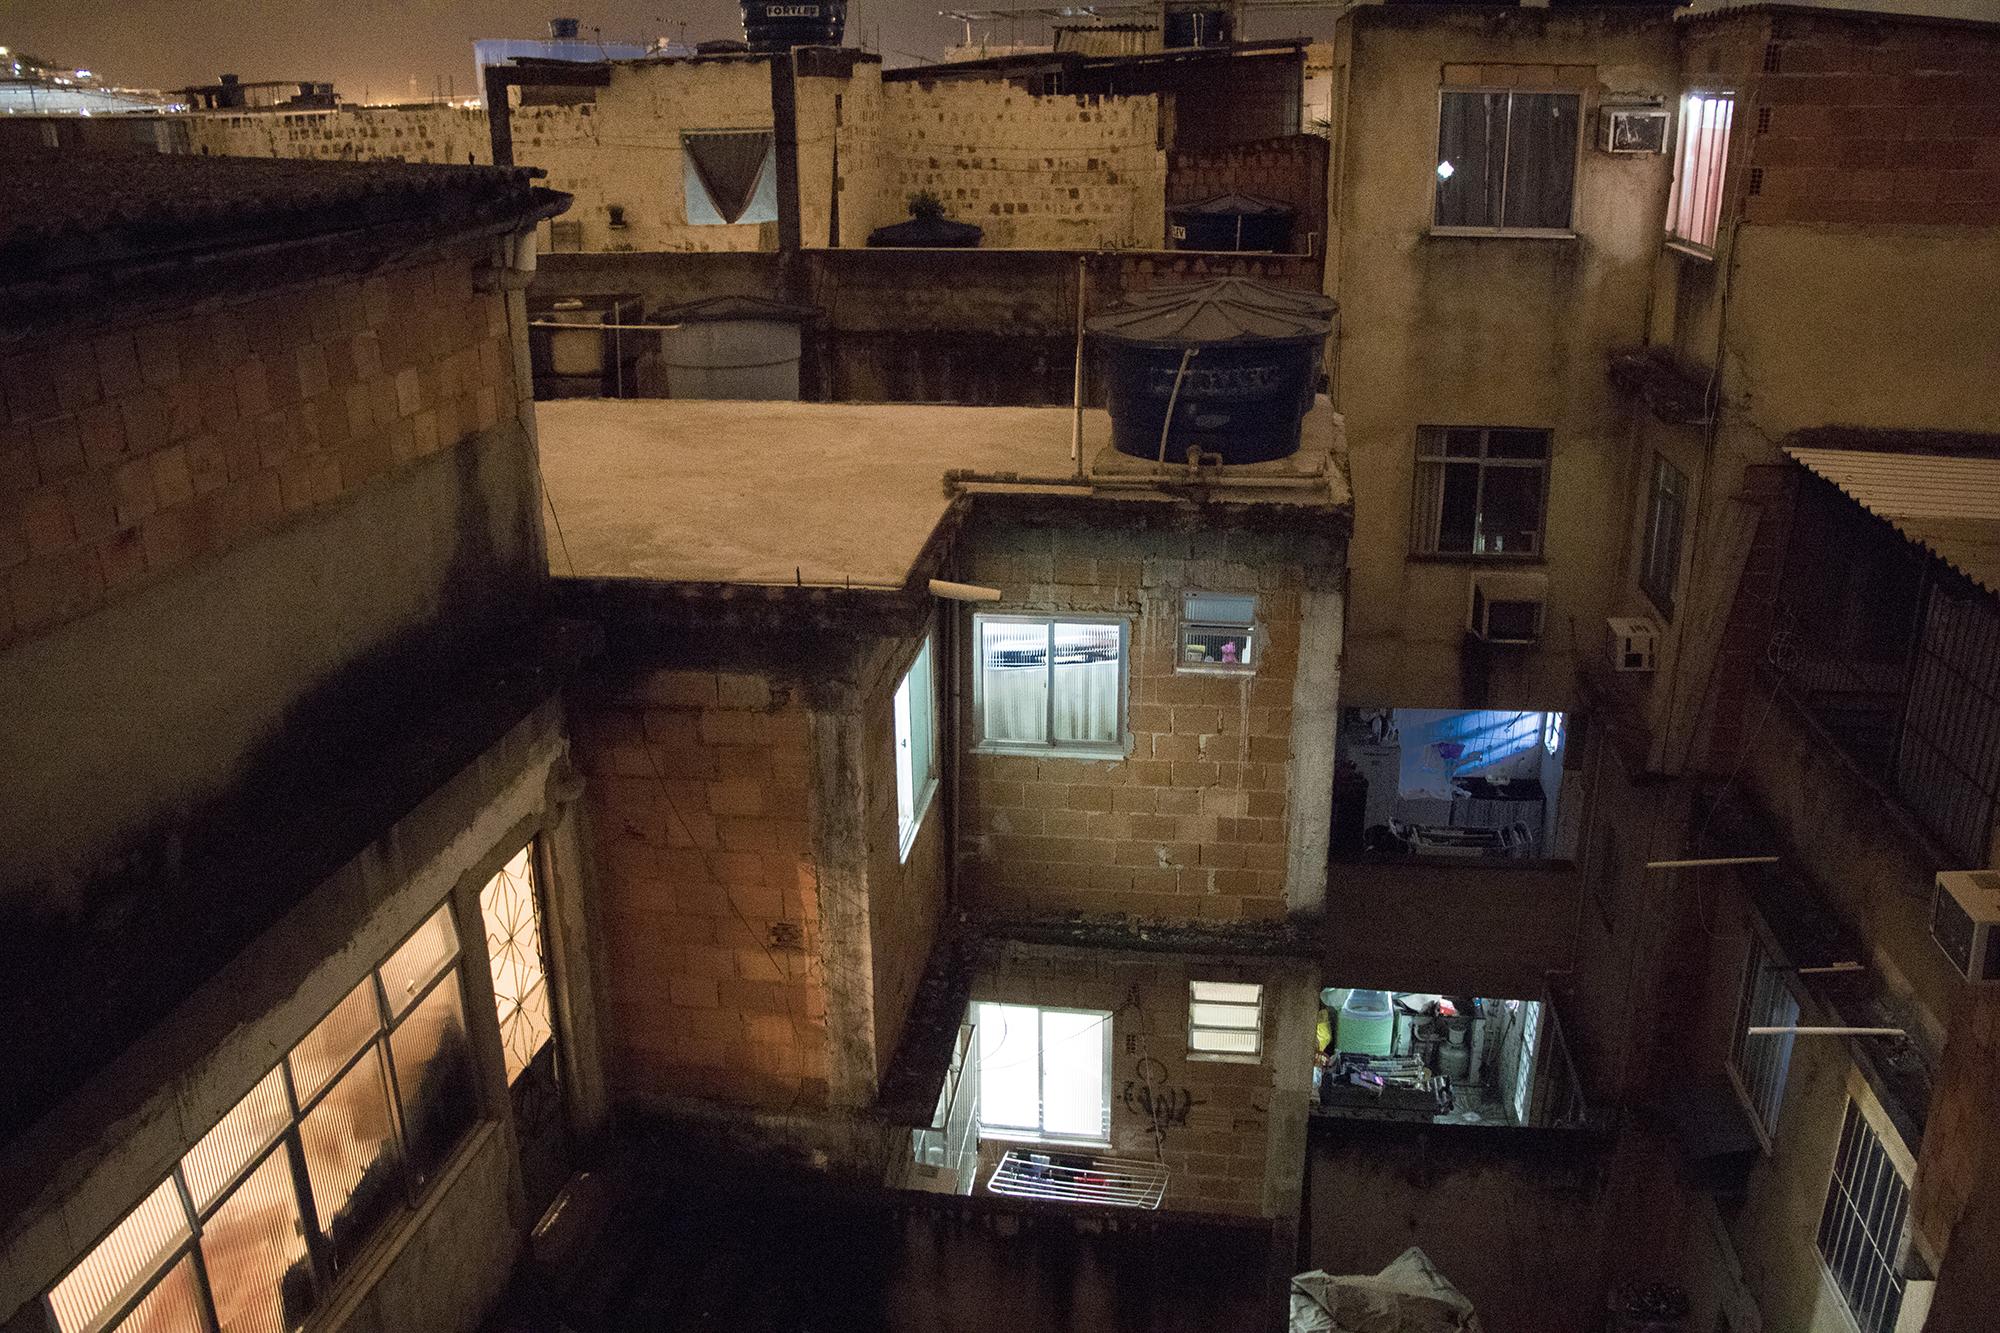 Fotógrafo registra o íntimo das favelas